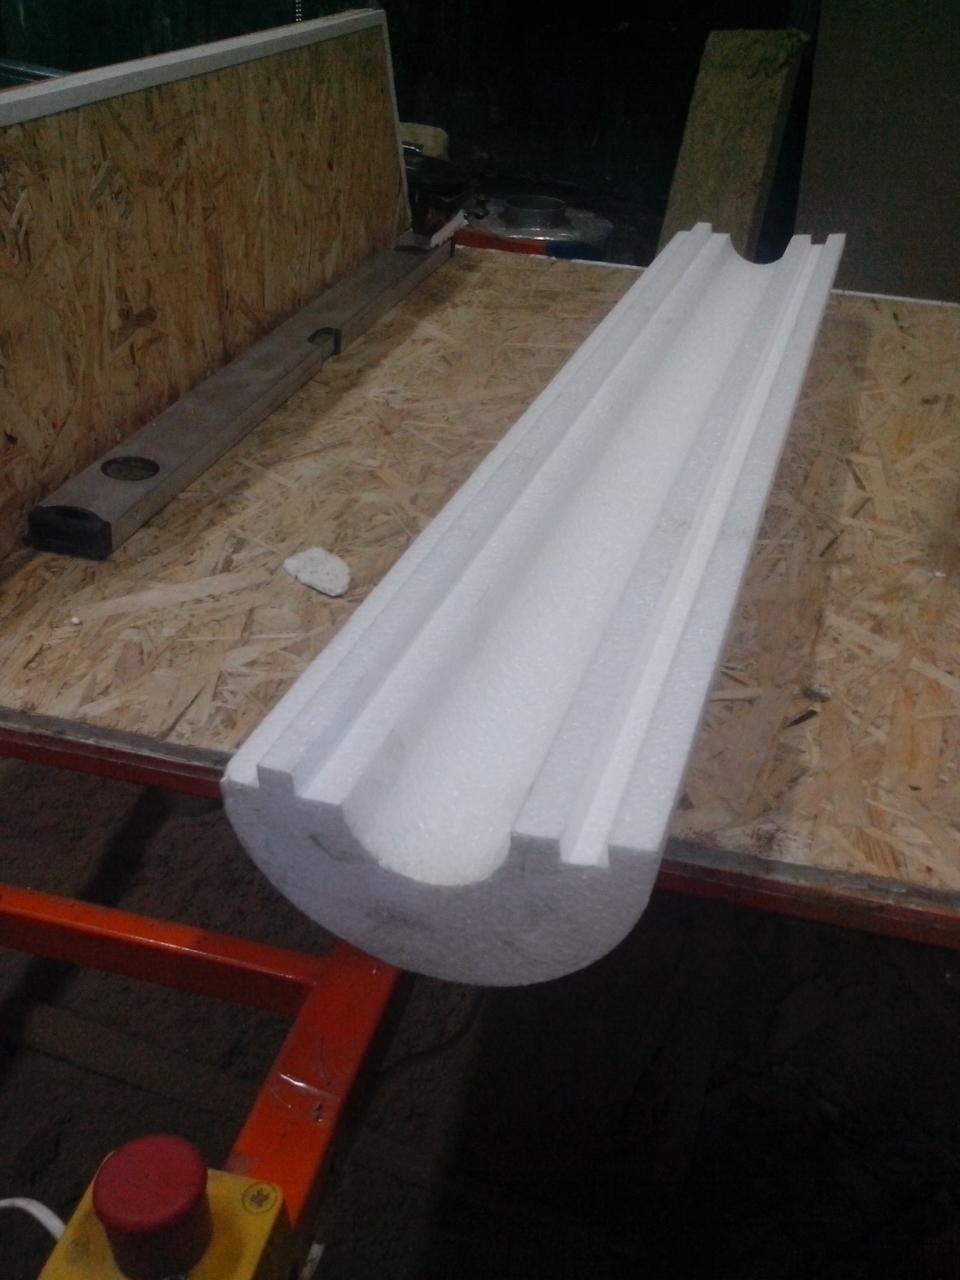 Утеплитель из пенопласта (пенополистирола) для труб Ø 89 мм толщиной 40 мм